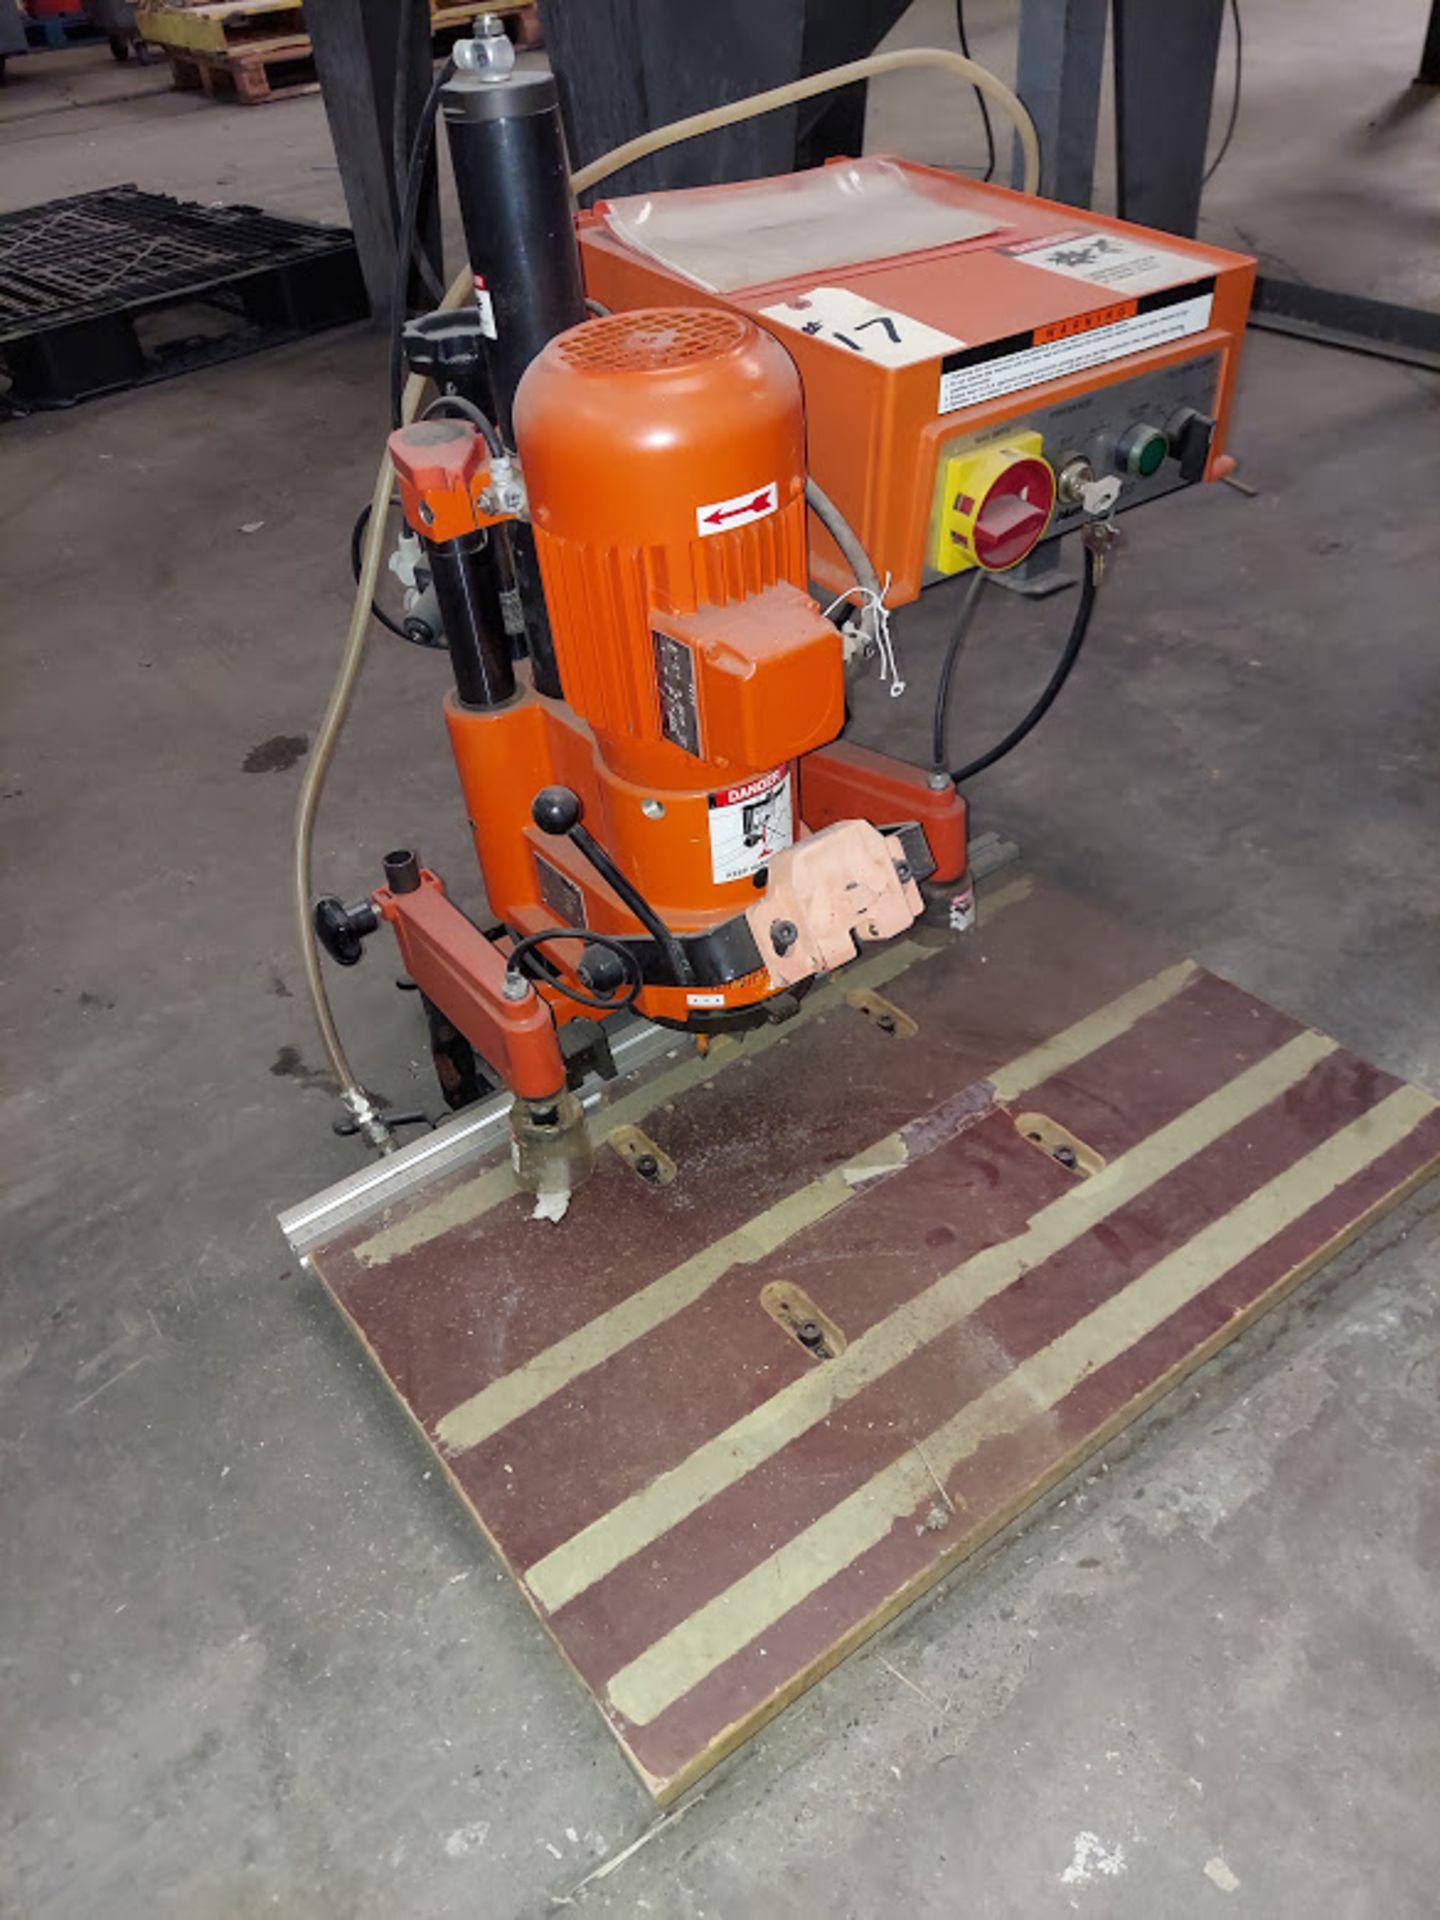 Blum Hinge Boring Machine, Ref #M51N1004 , 0.75 KW 230 Volts 3 Phase